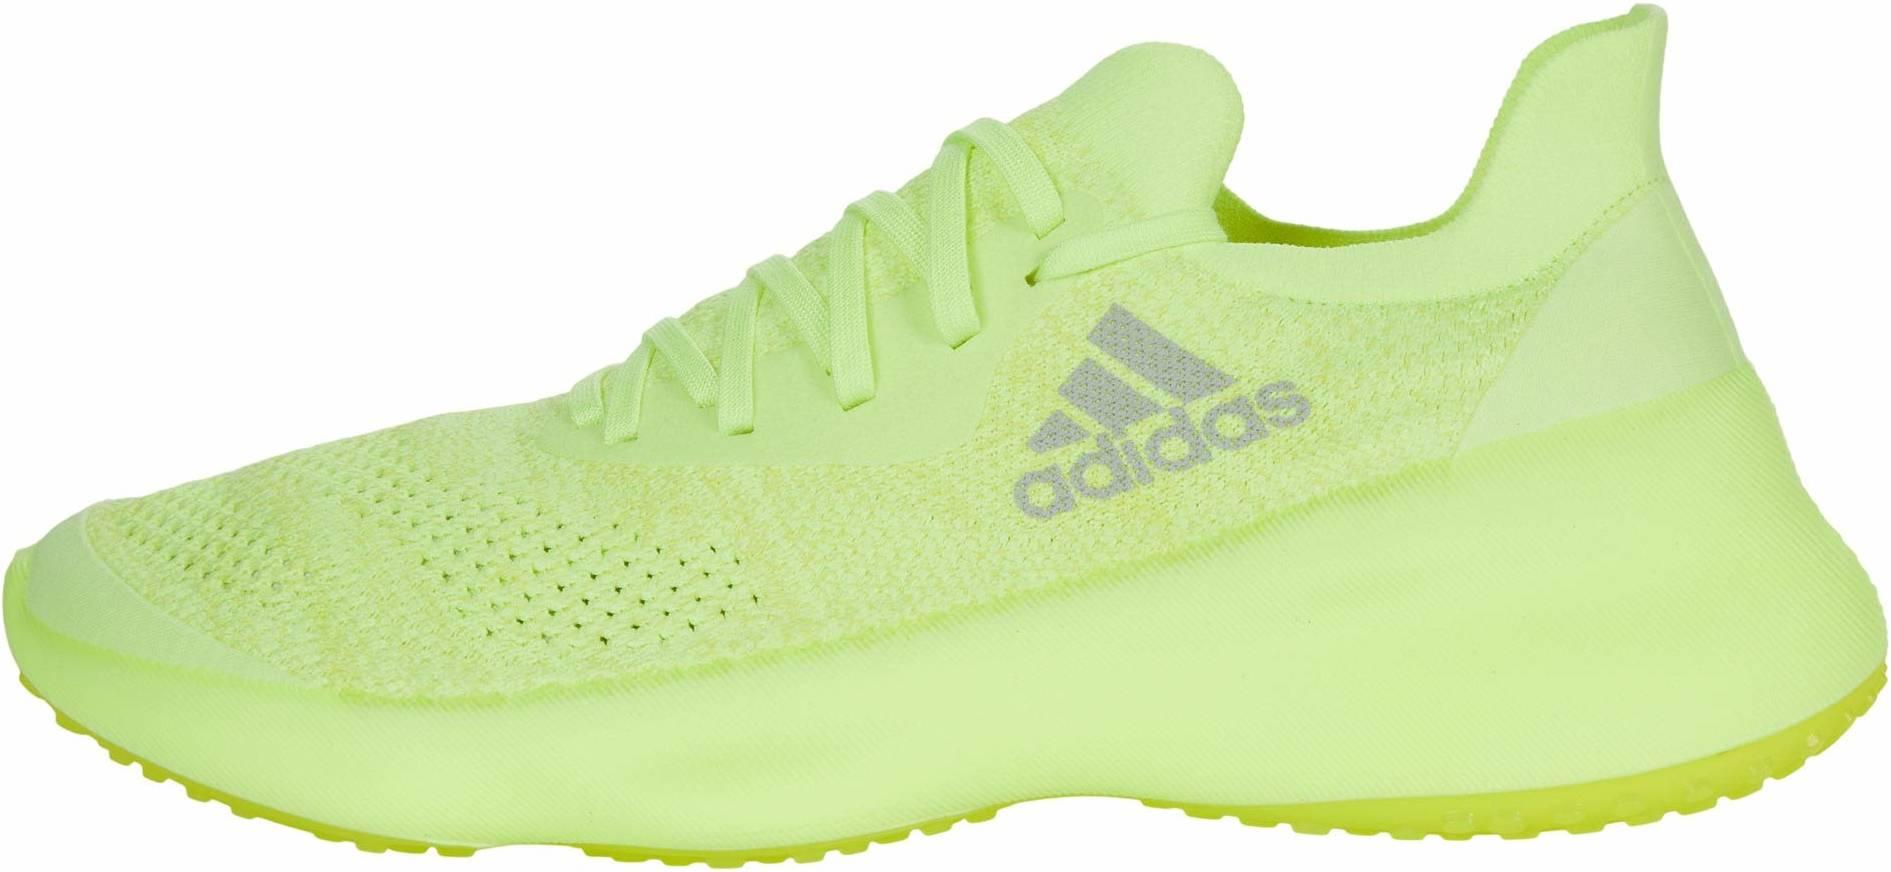 Adidas Futurenatural